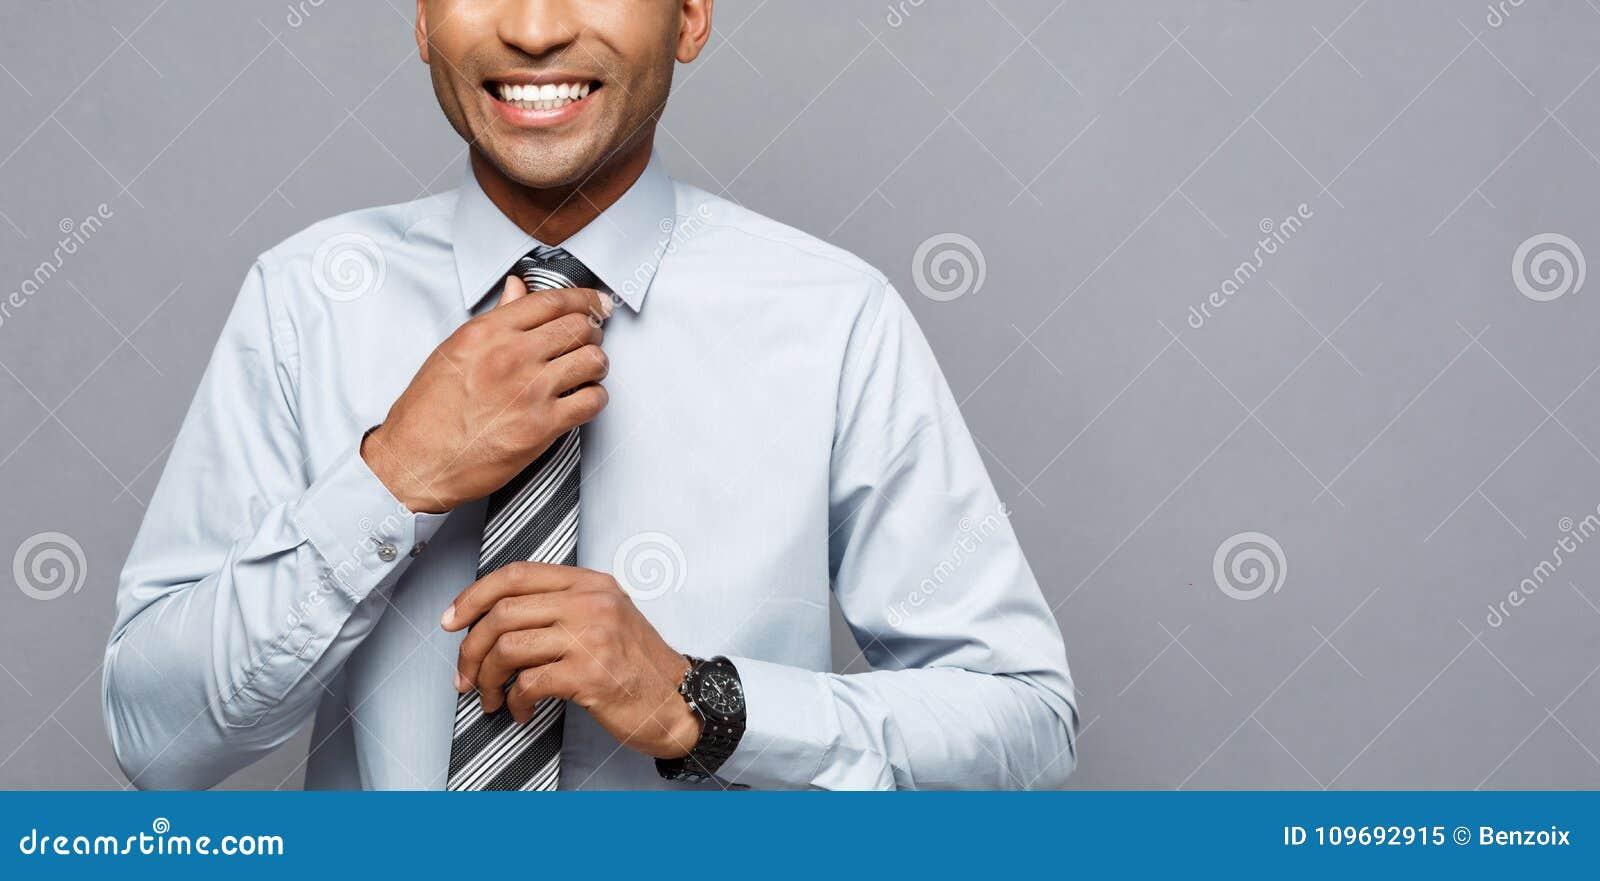 Concepto del negocio - hombre de negocios afroamericano profesional confiado feliz que presenta sobre fondo gris